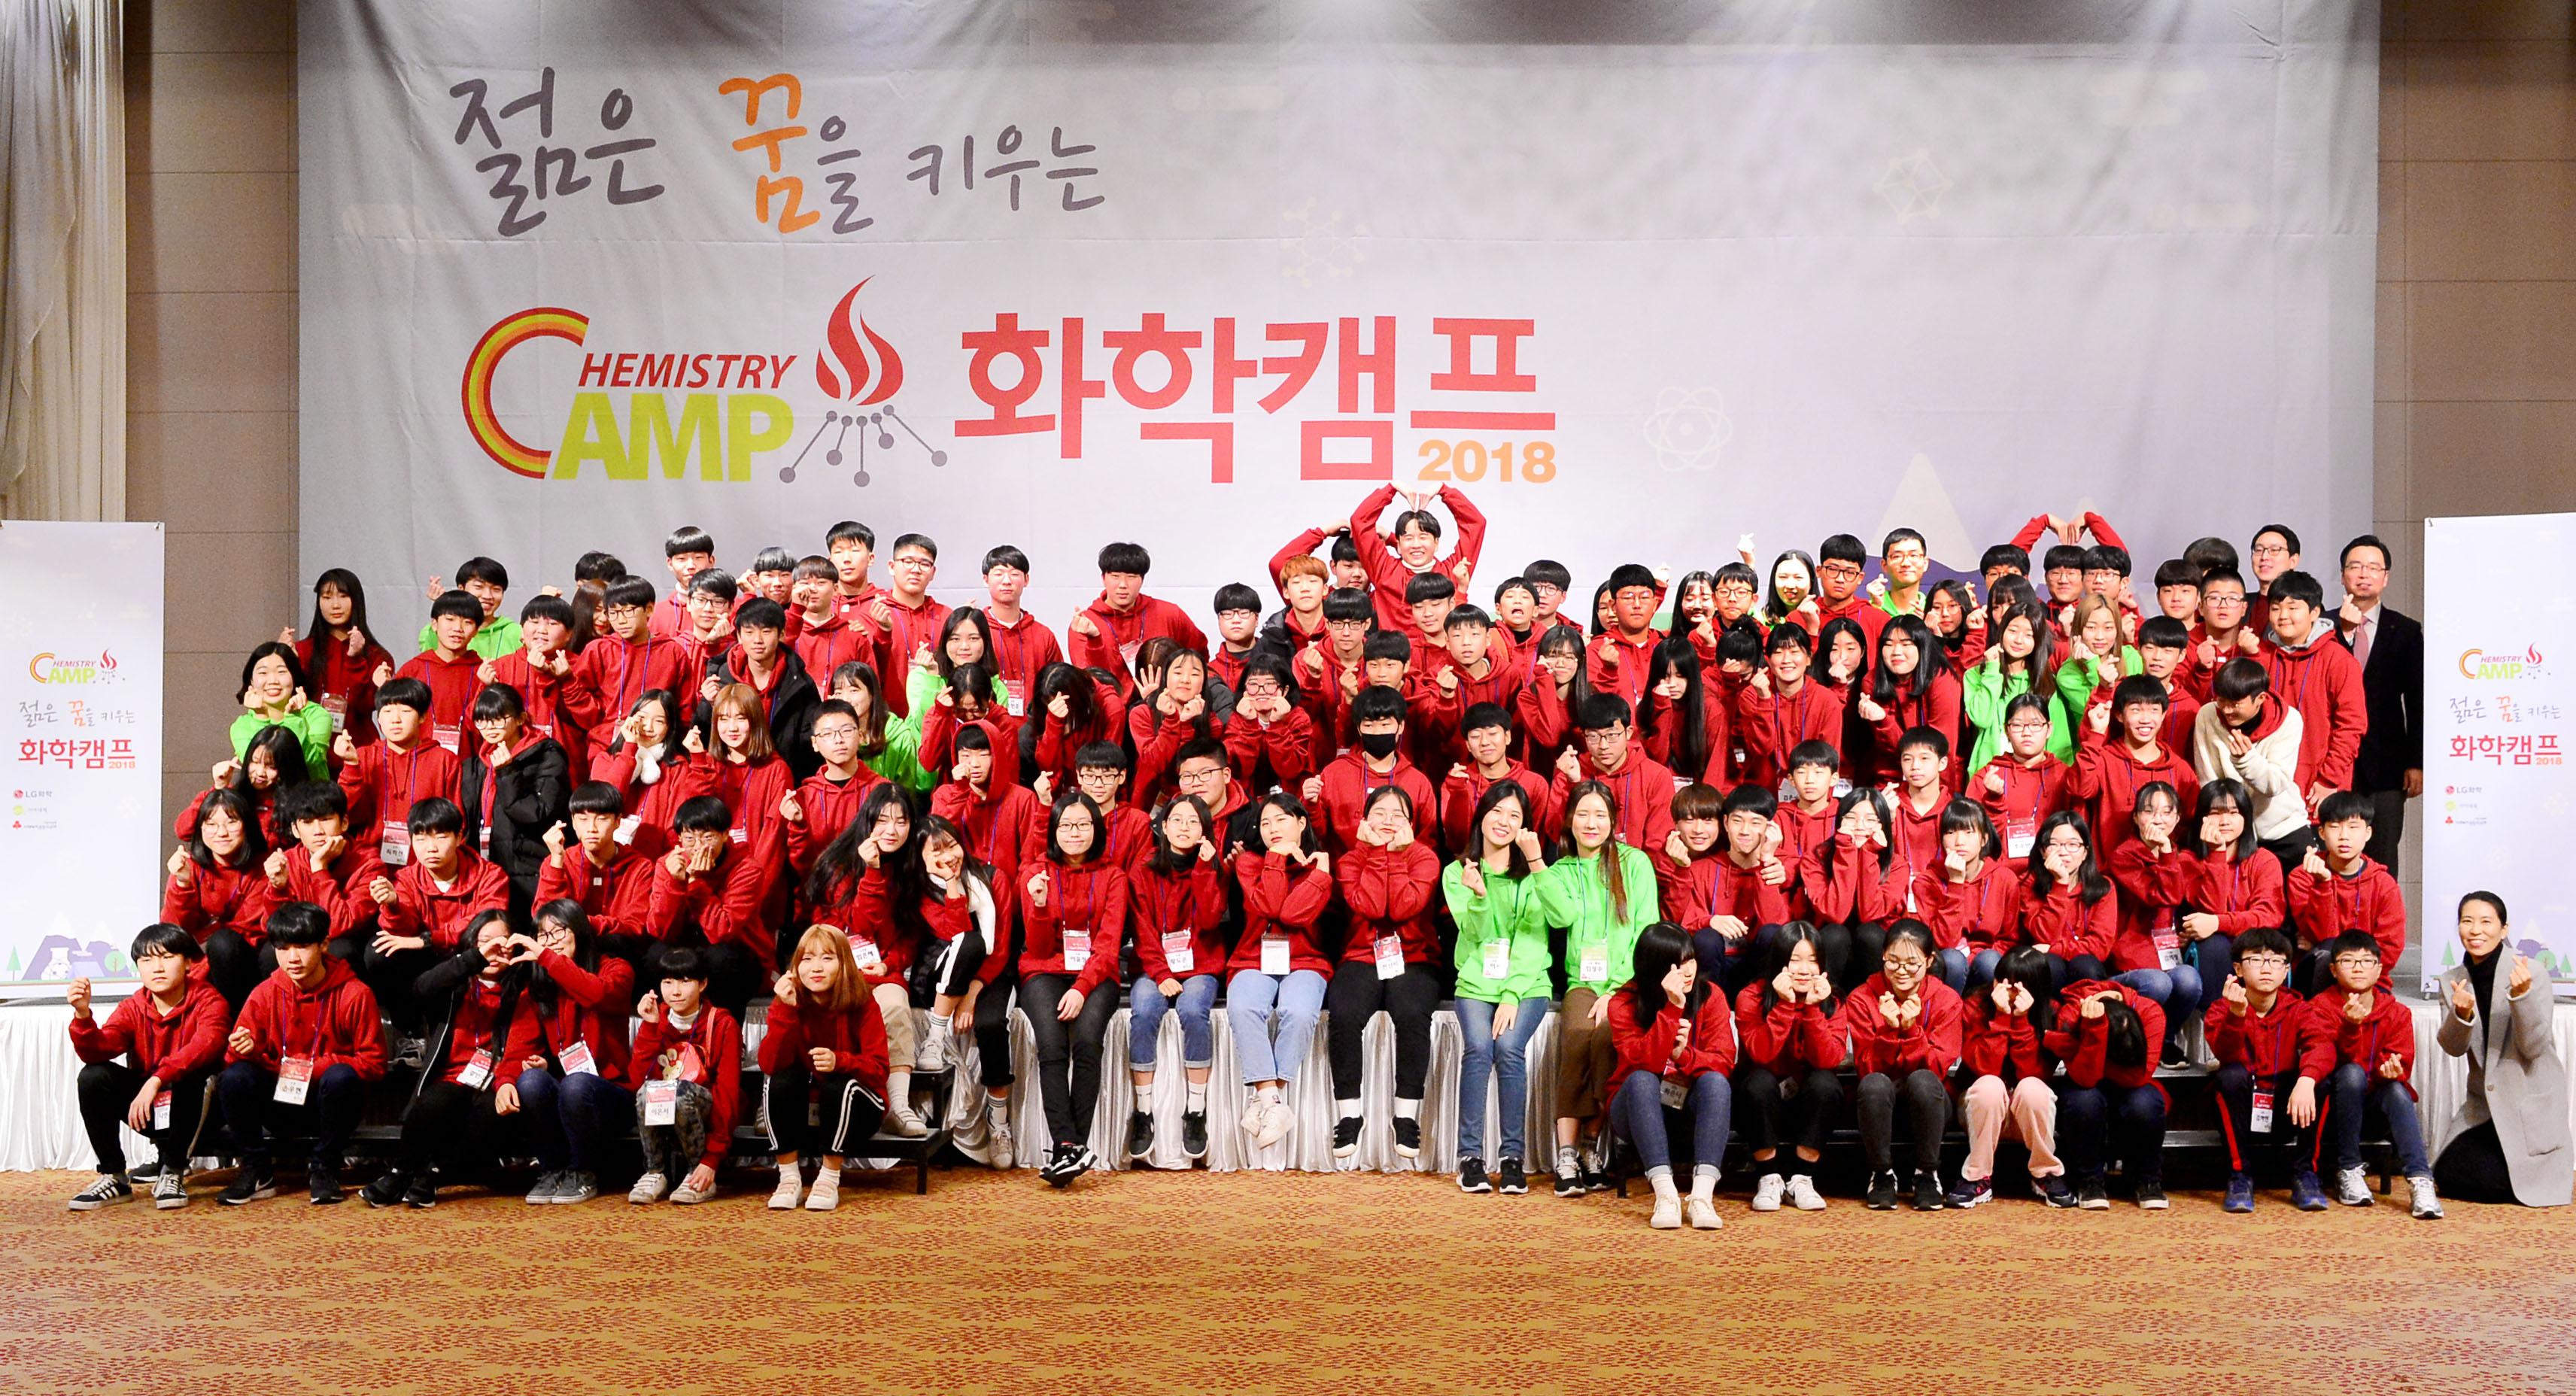 2018년 화확캠프 단체 사진